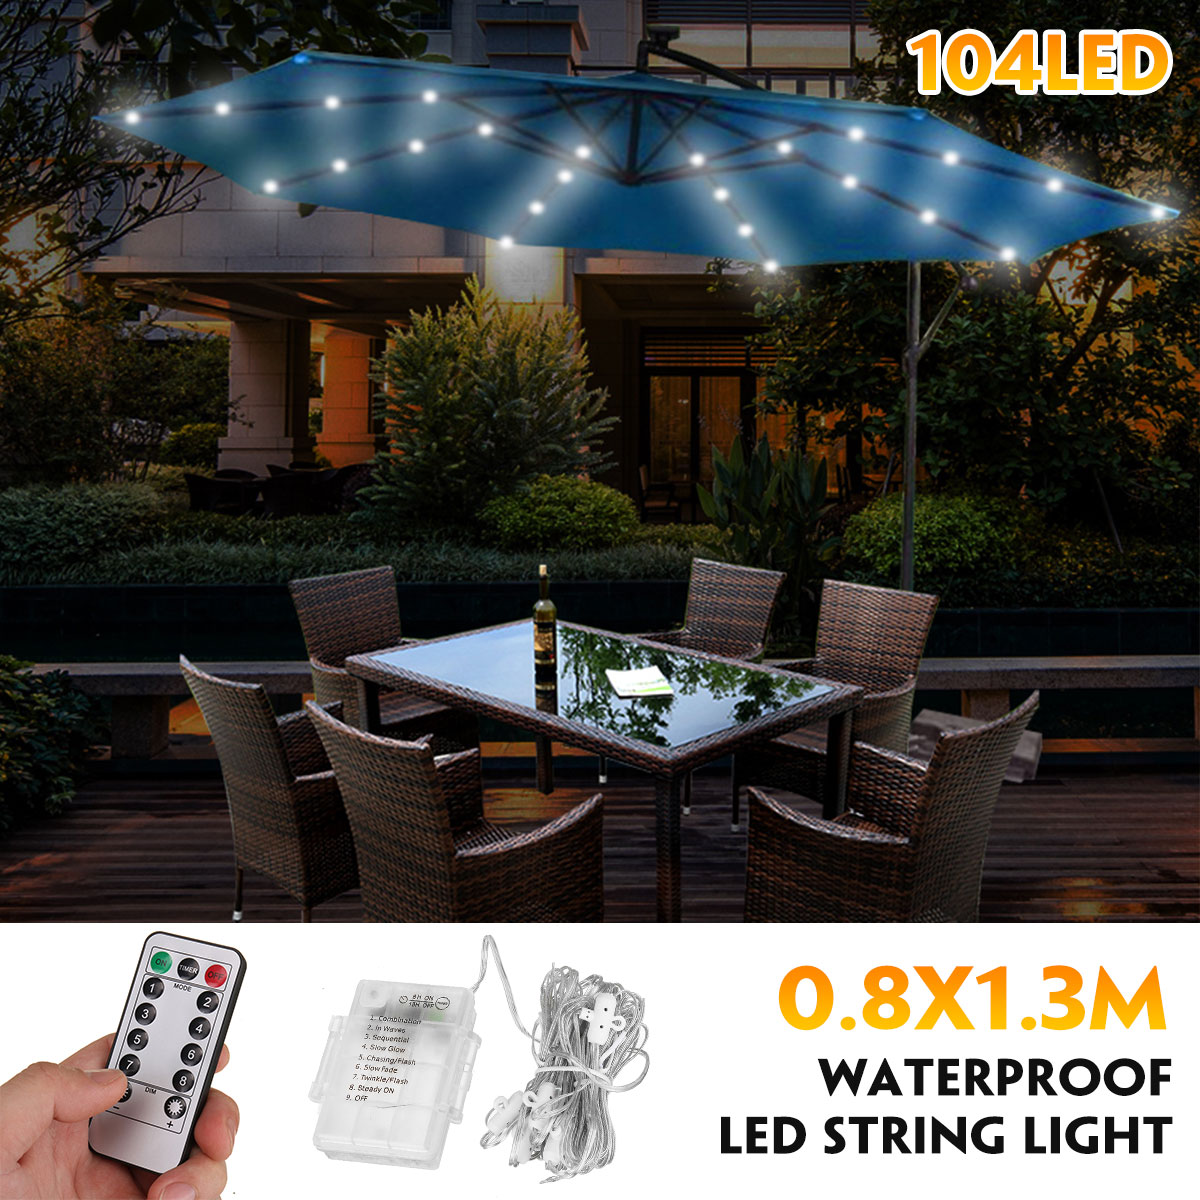 104 LED Umbrella Lights Fairy Patio Parasol Outdoor Garden Remote Control Xmas